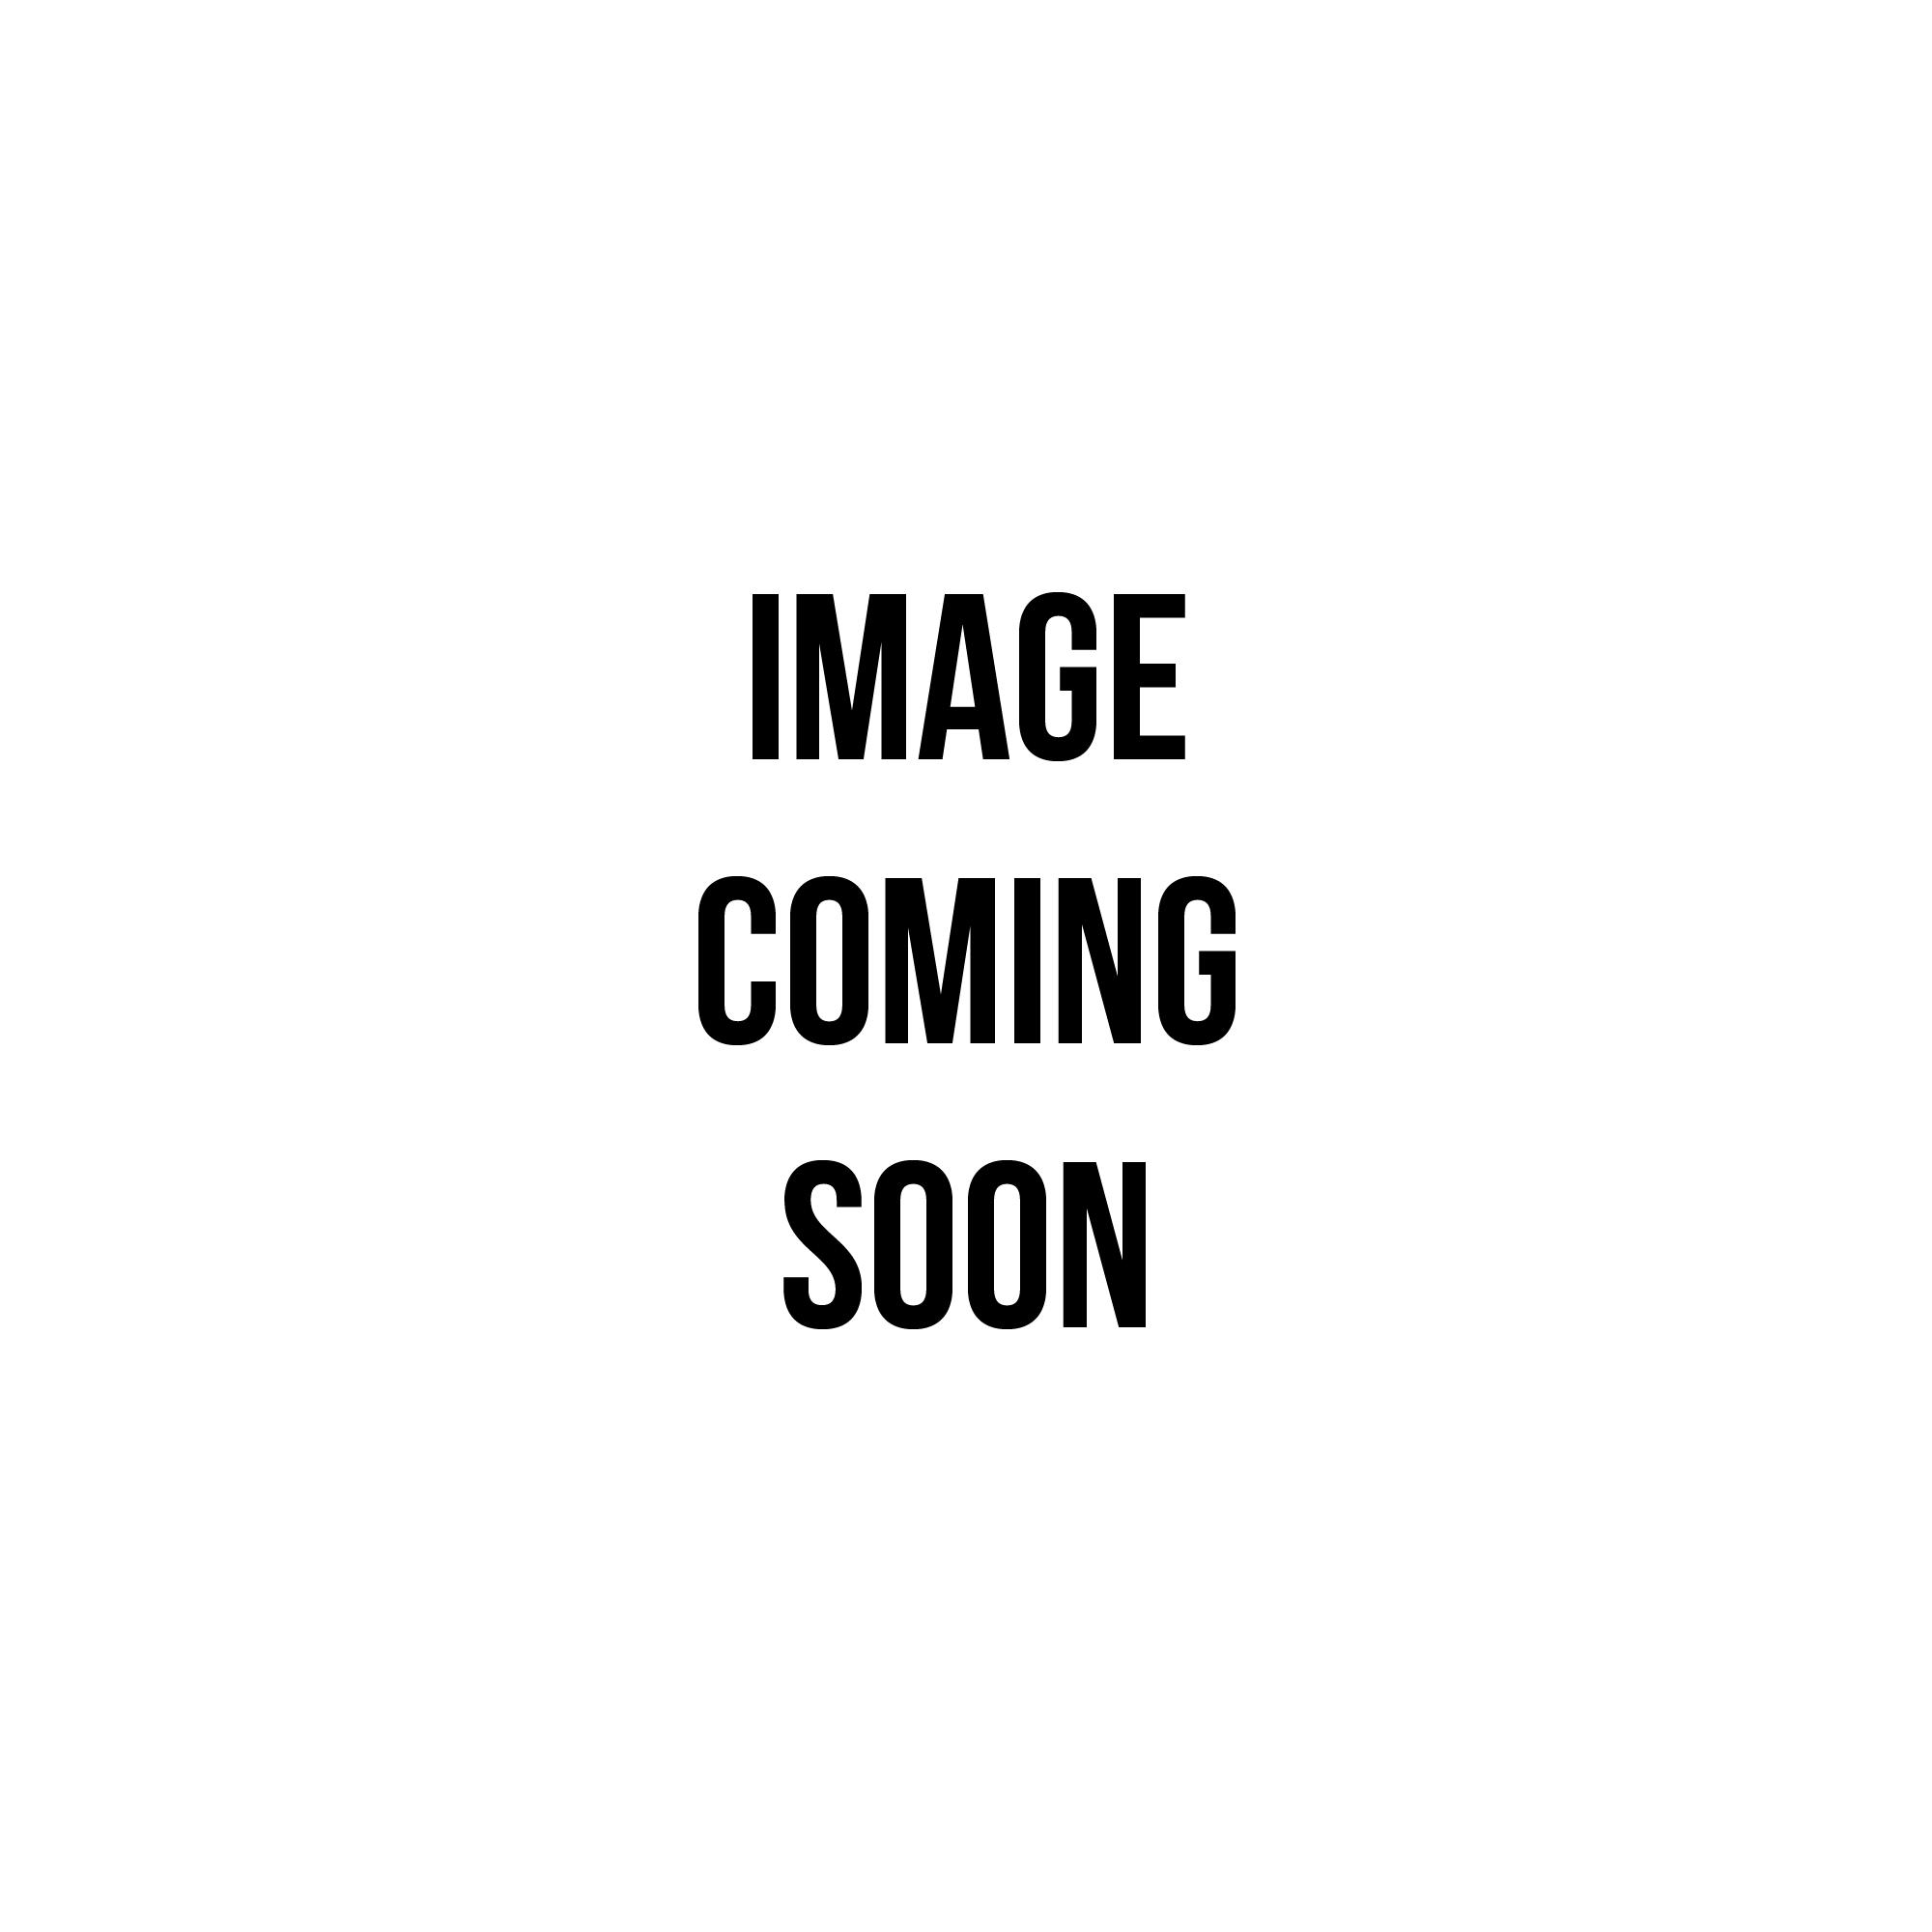 Air Max Tn Mens Chaussures Gris Blanc sexy sport commercialisable 2014 nouveau rabais bas prix sortie IcnzdcWN